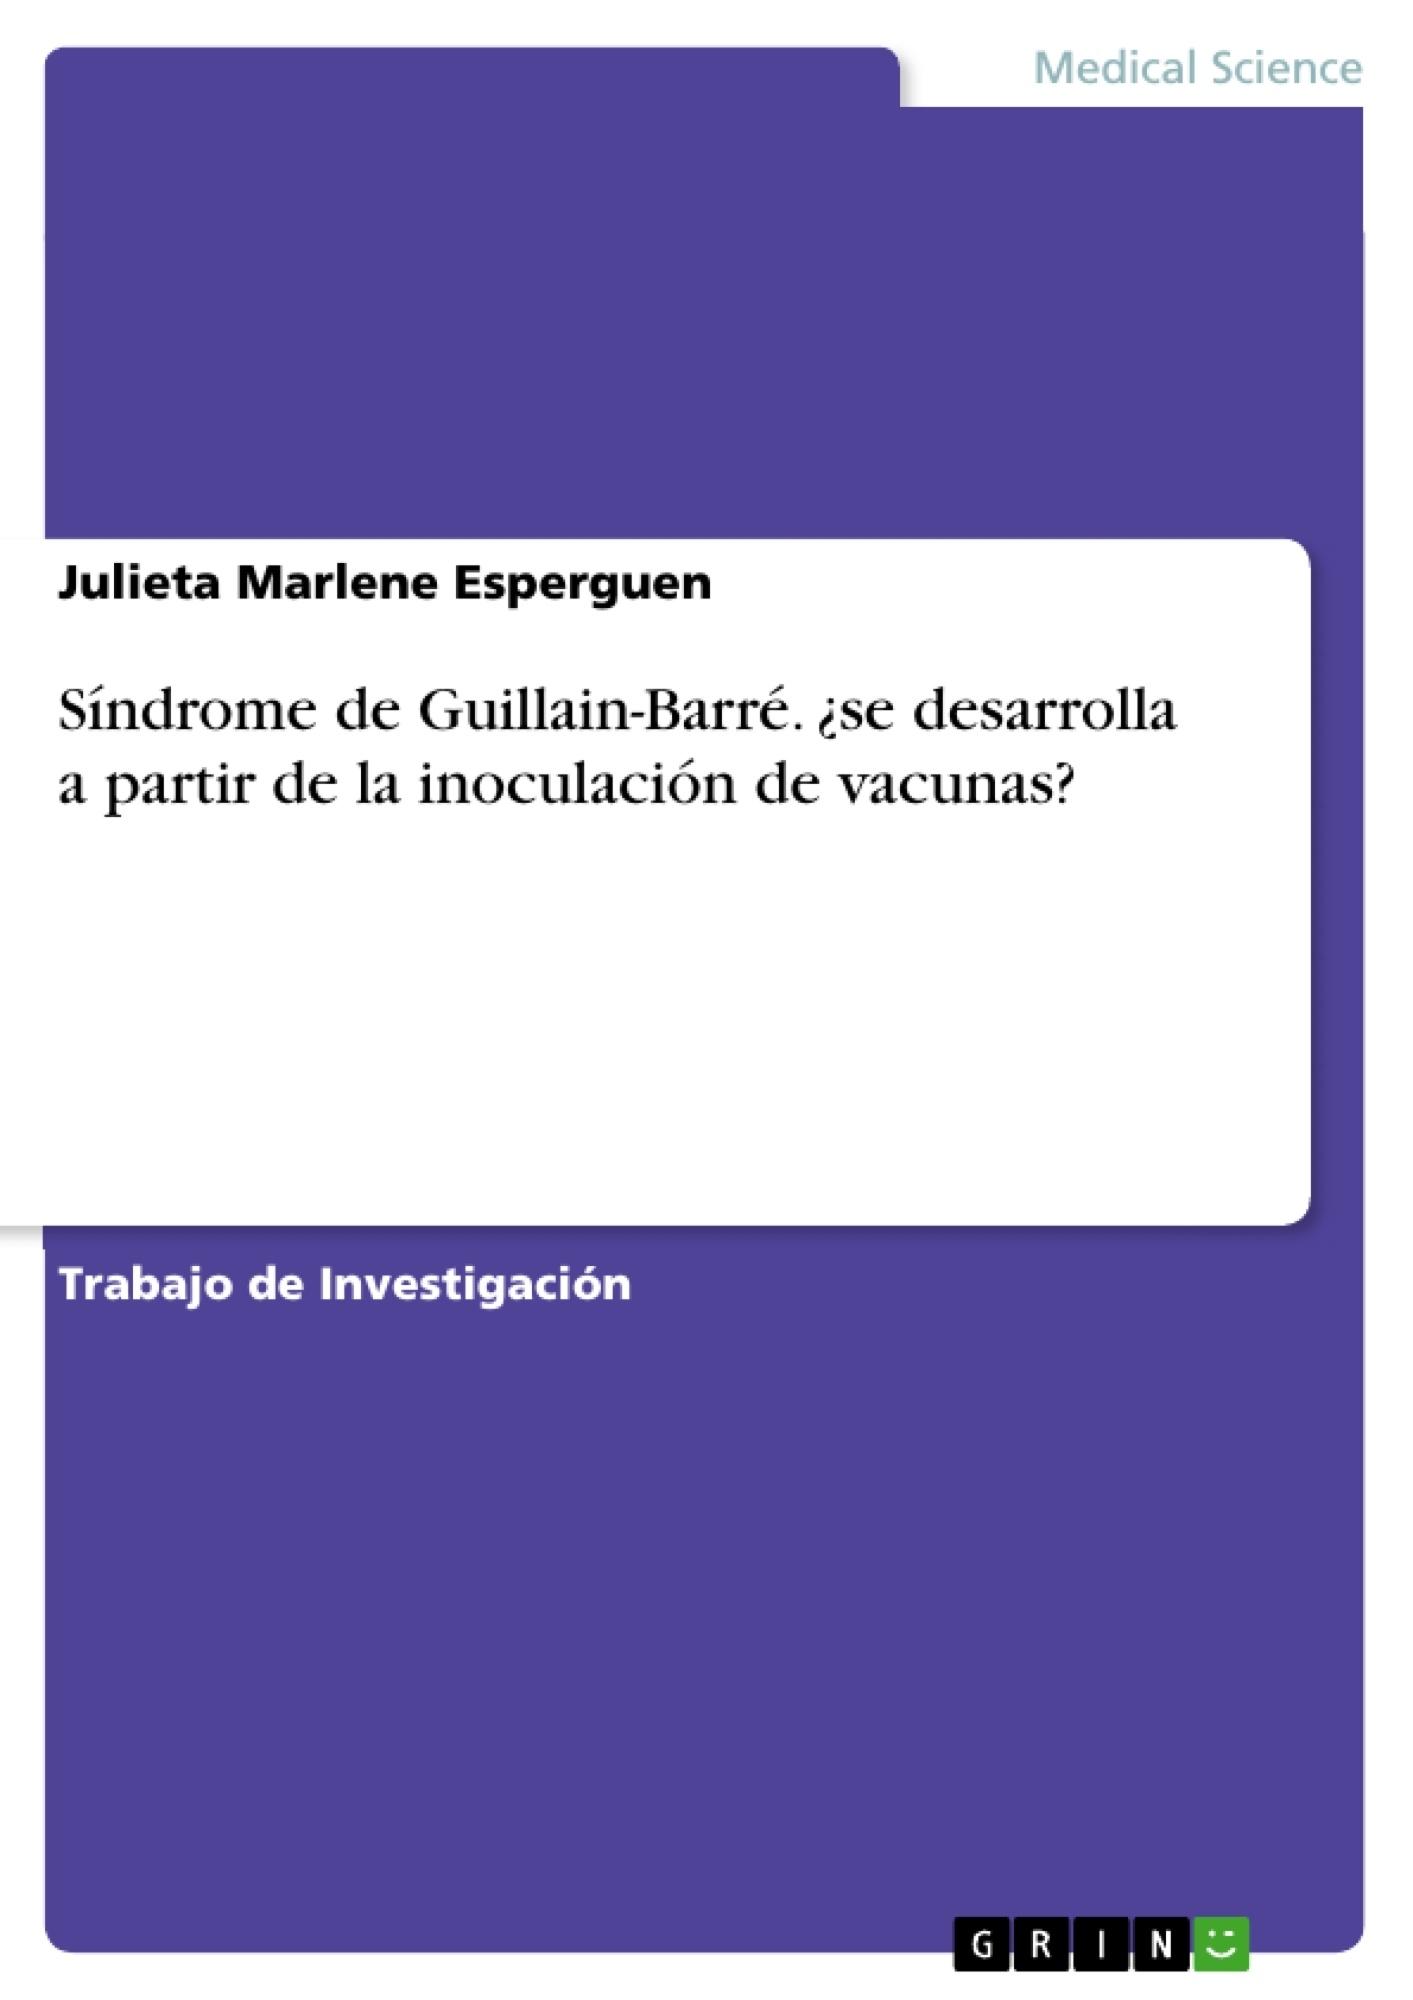 Título: Síndrome de Guillain-Barré. ¿se desarrolla a partir de la inoculación de vacunas?